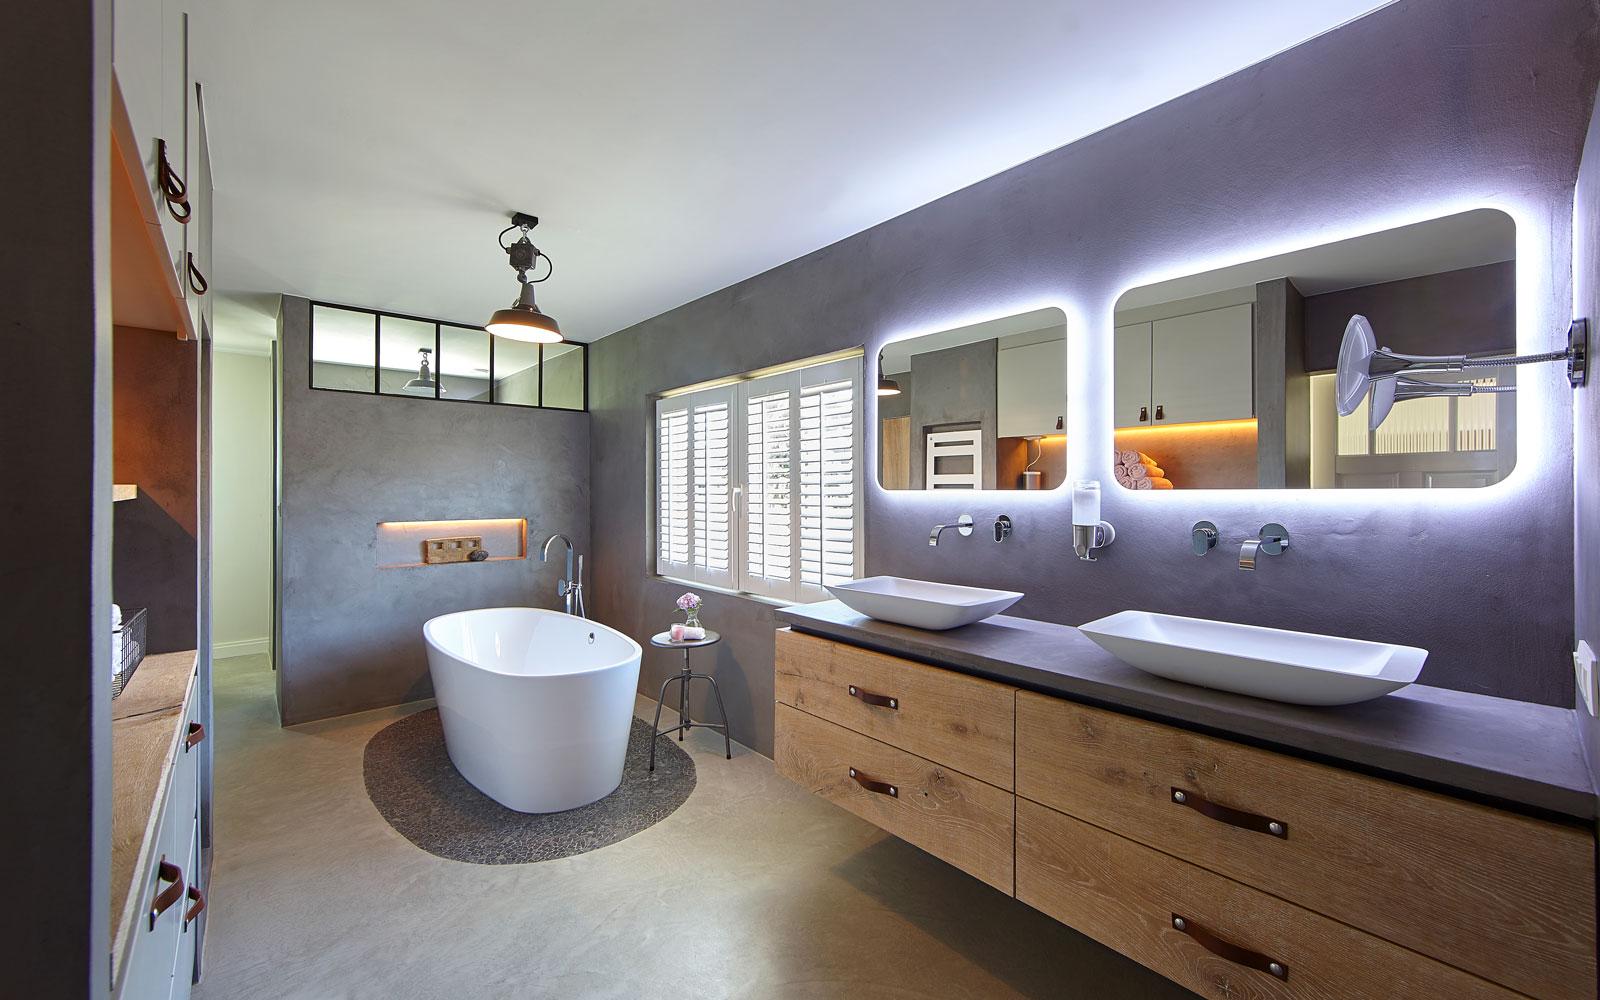 Badkamer, vrijstaand bad, wastafels, led verlichting, zelf ontworpen, Kijkwoning, Stalen Deuren Huys